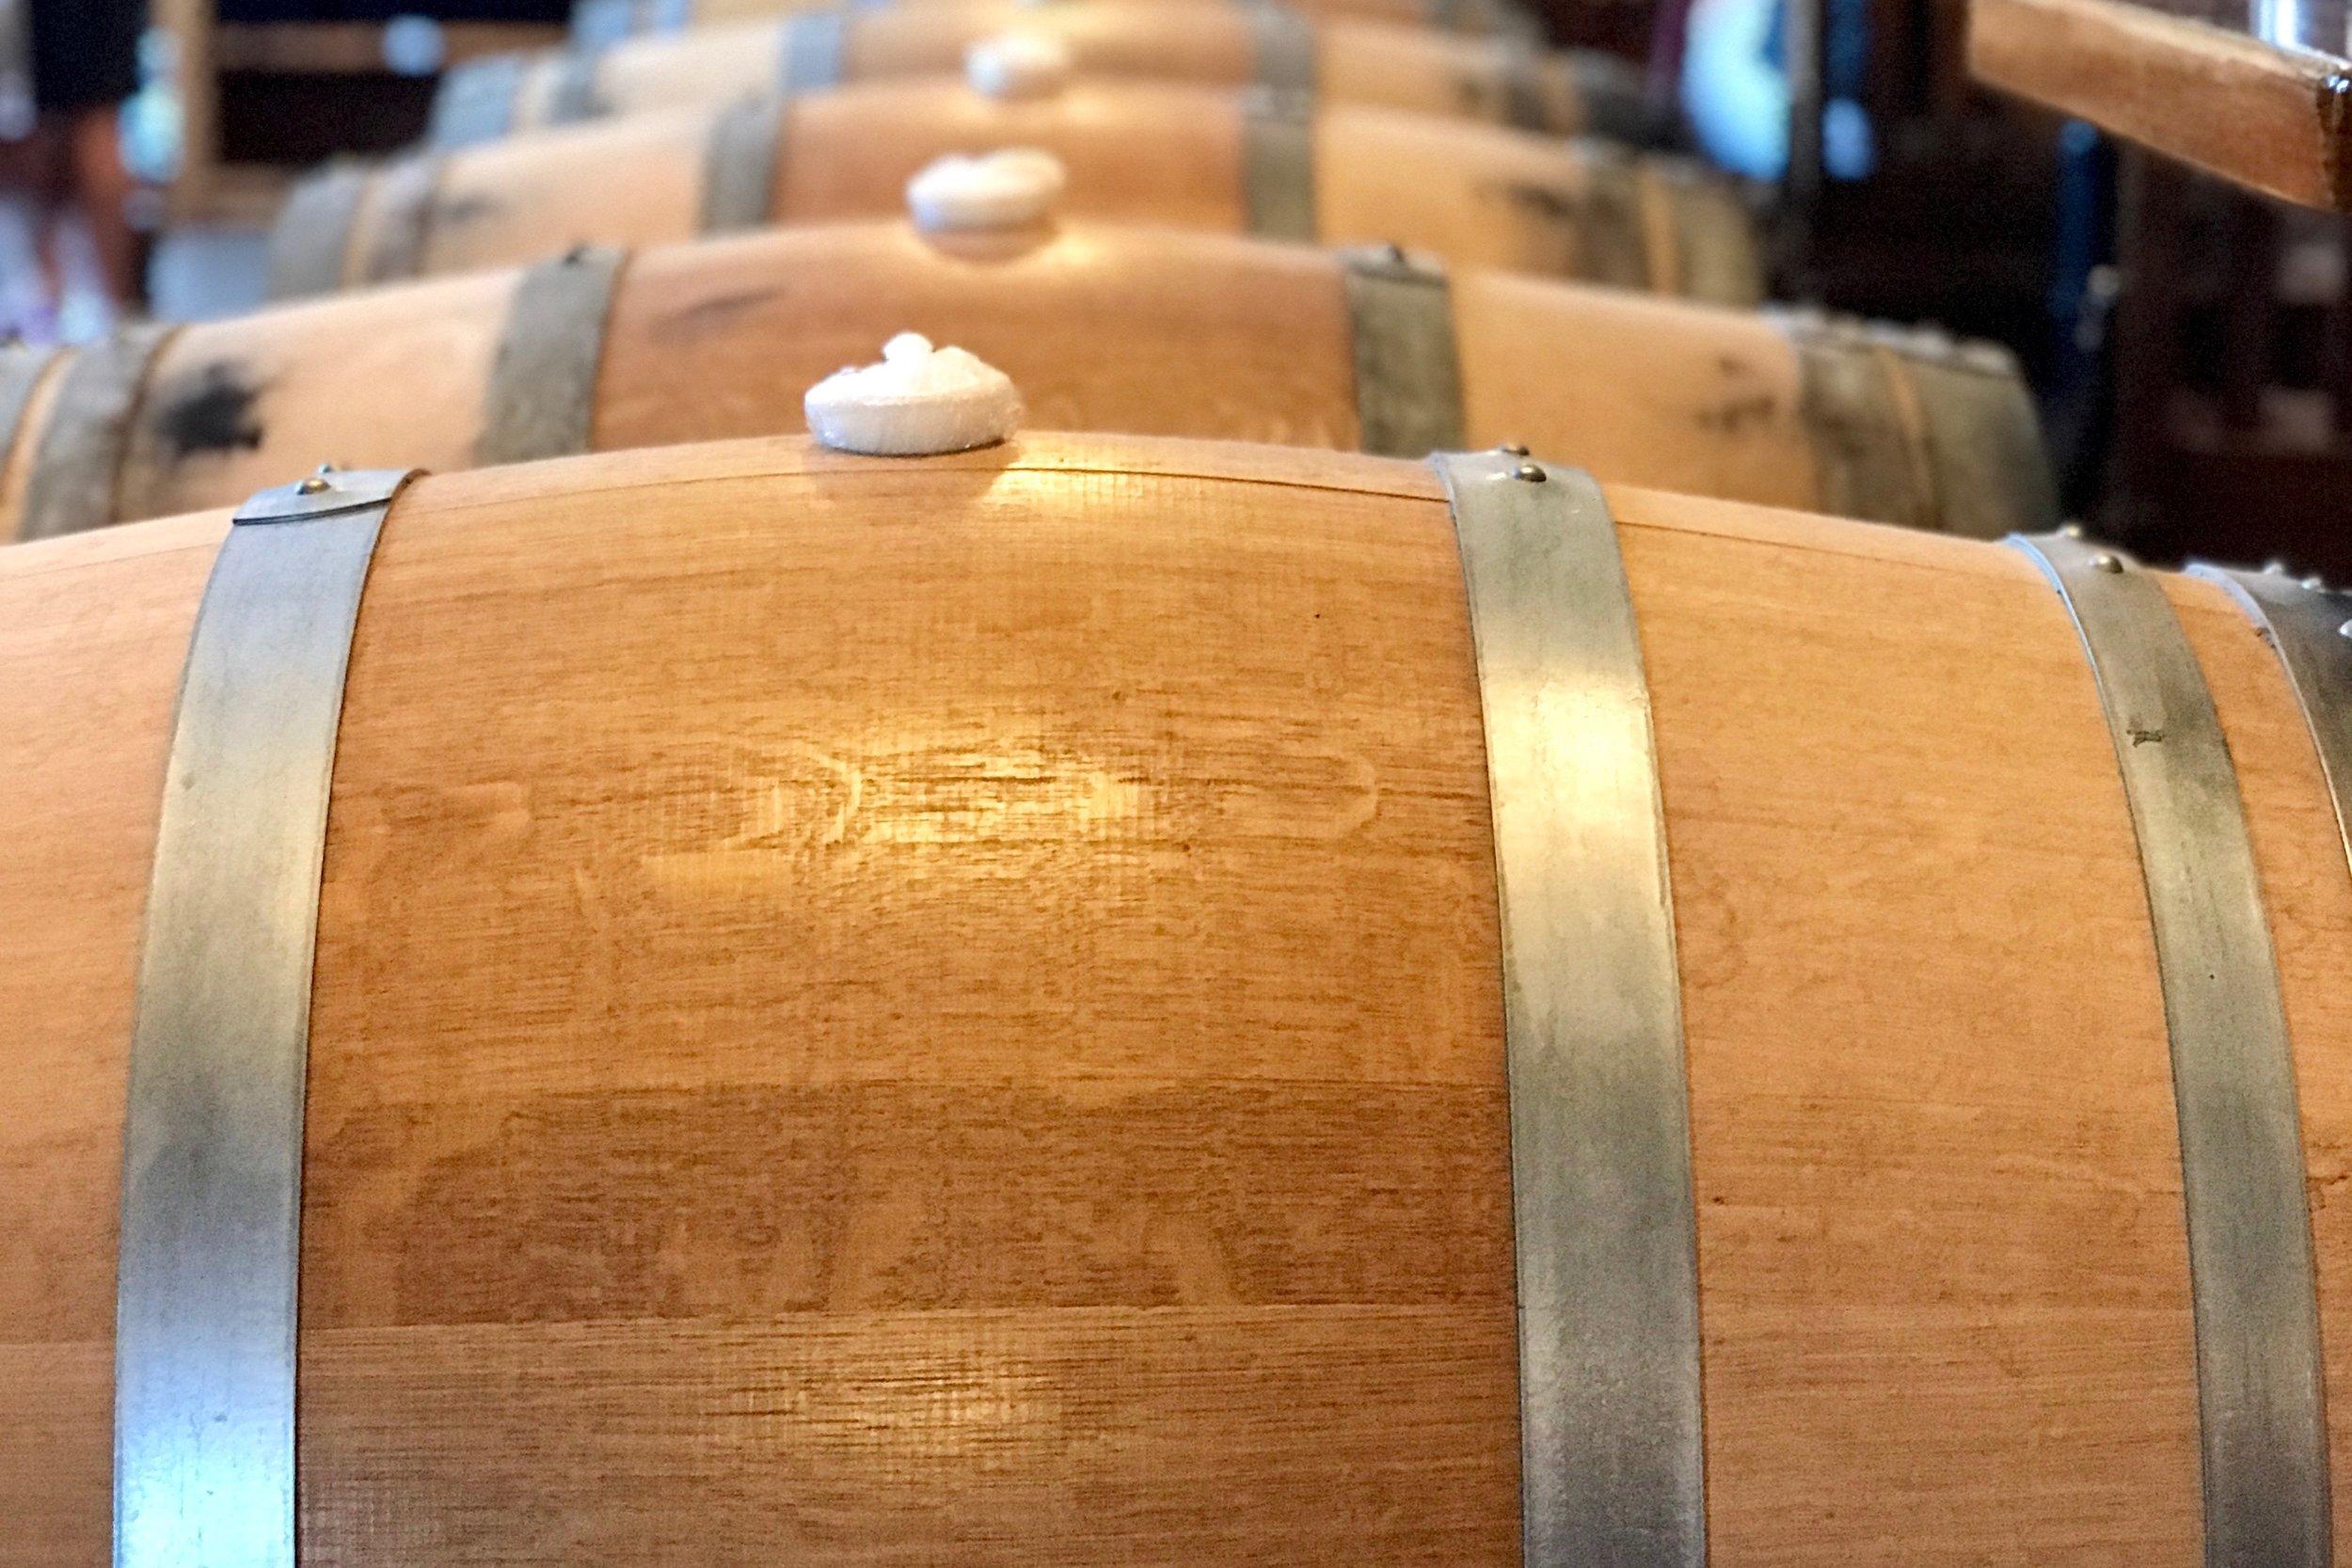 Coda Rossa Winery